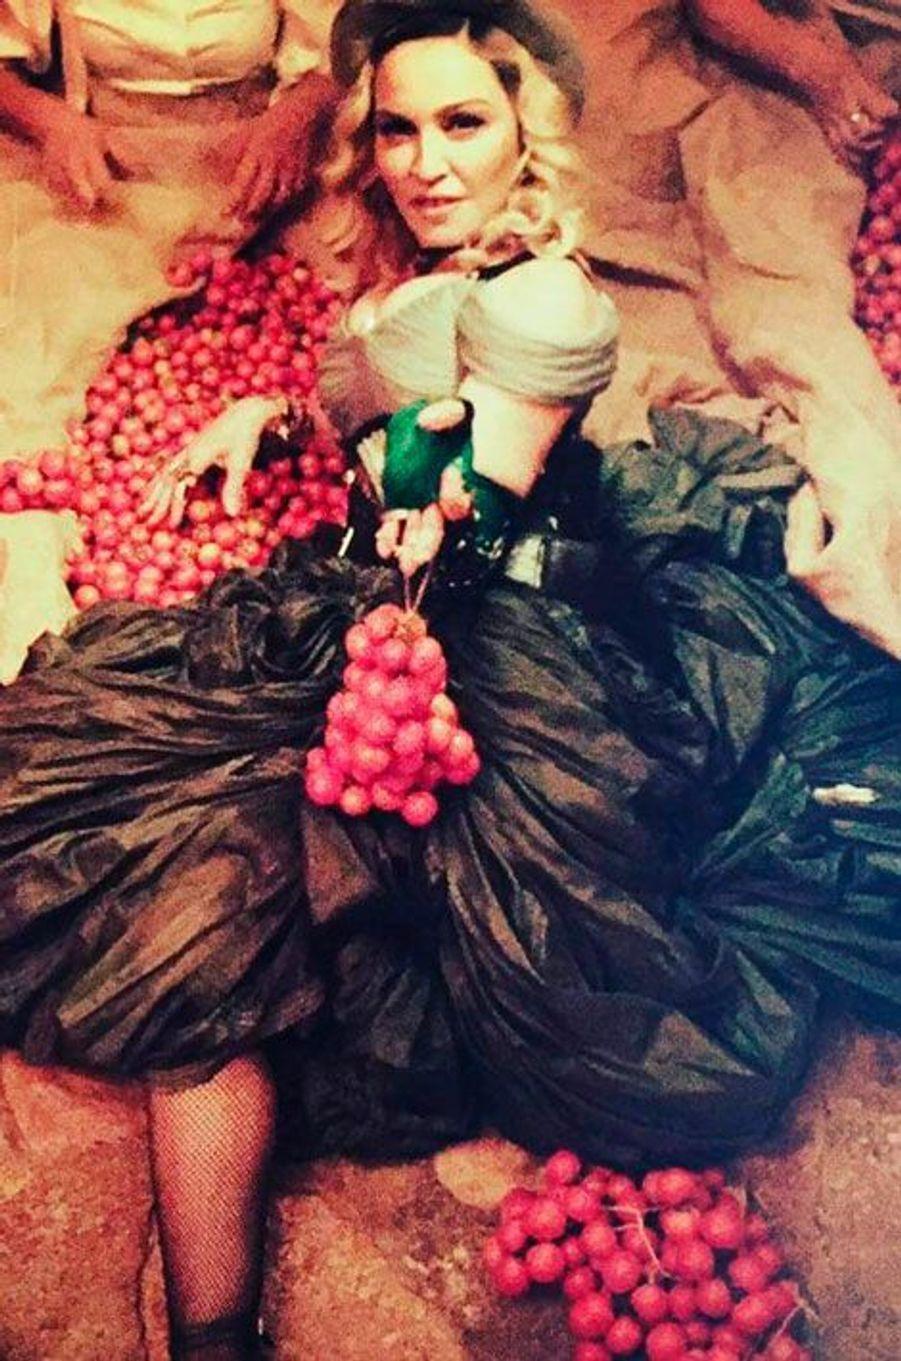 Madonna lors de son anniversaire